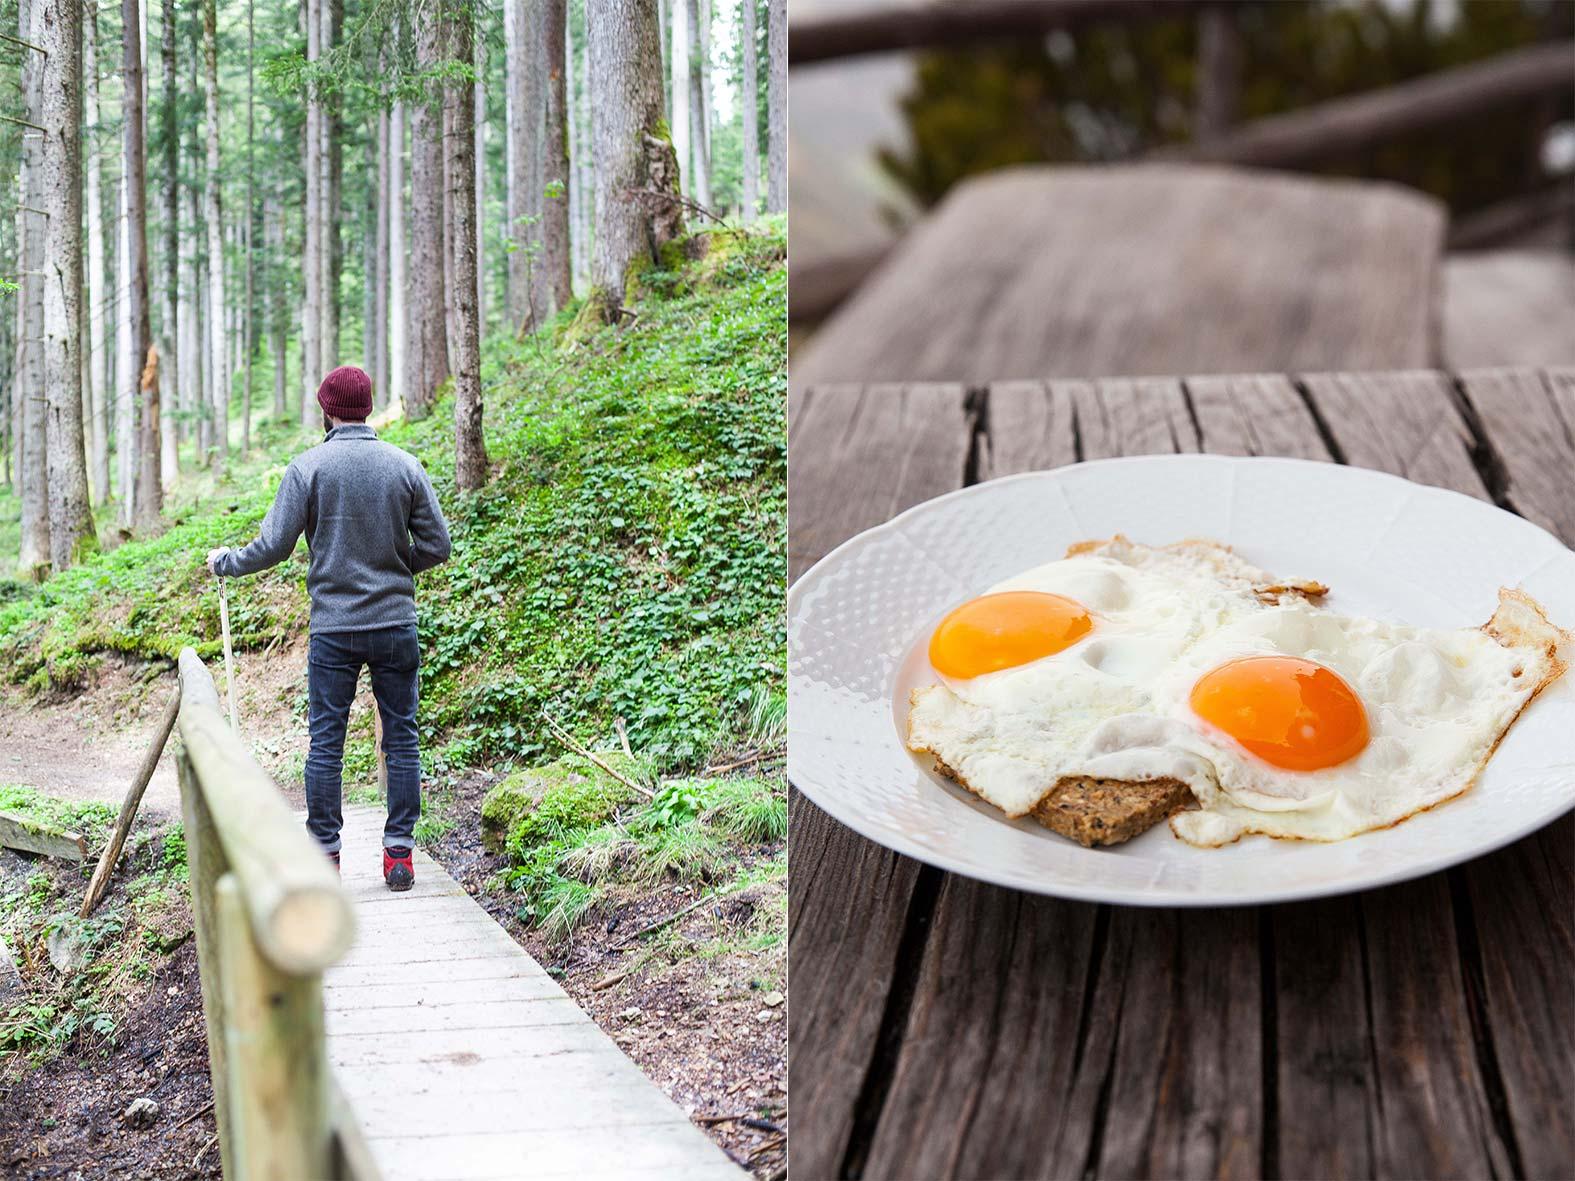 Einfach-Wandern_Foodtastic_3